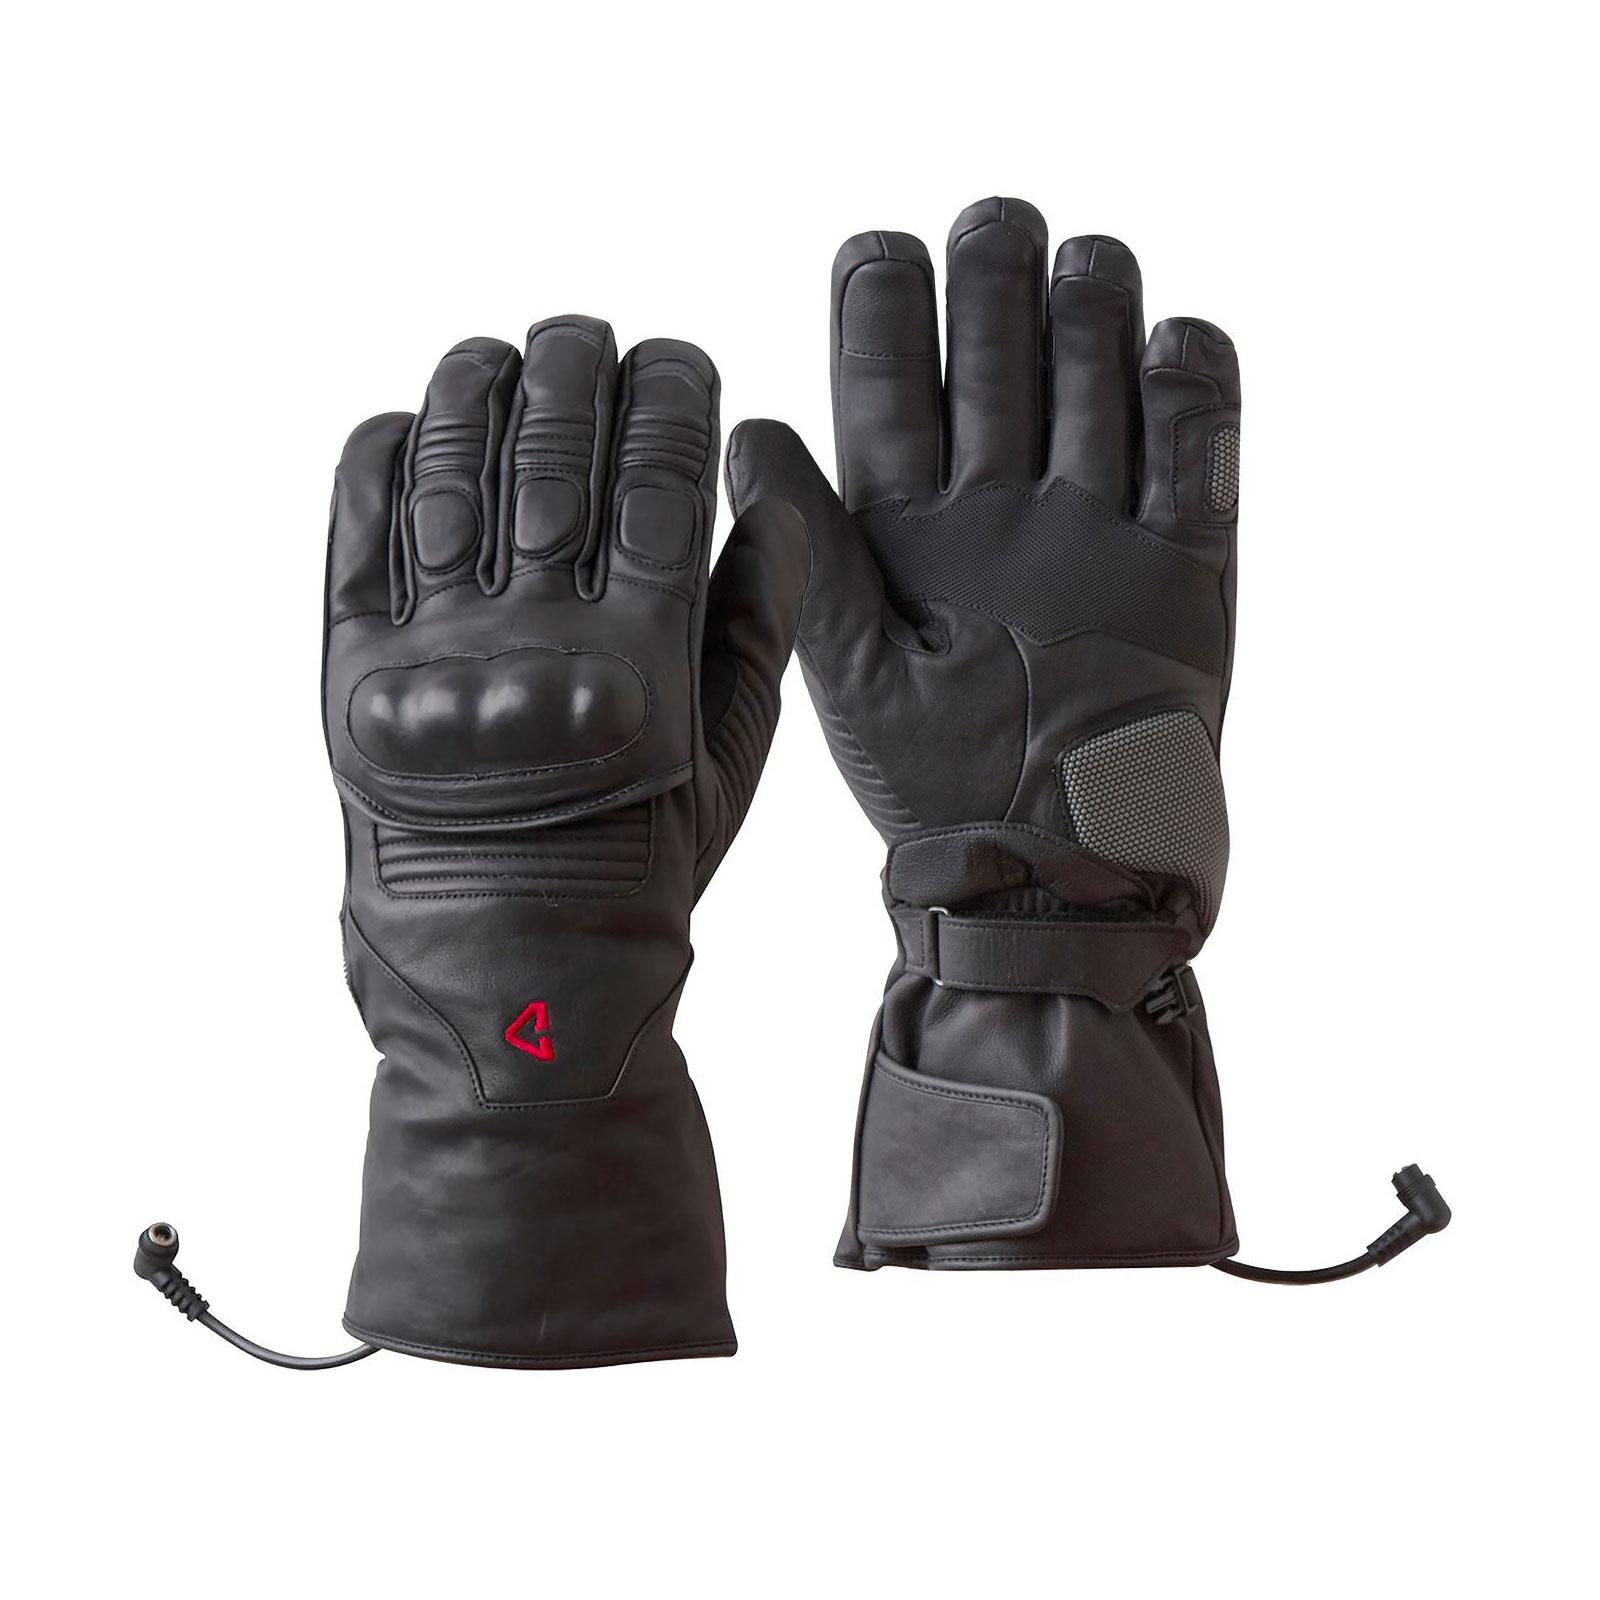 Gerbing 12V Vanguard Heated Motorcycle Gloves